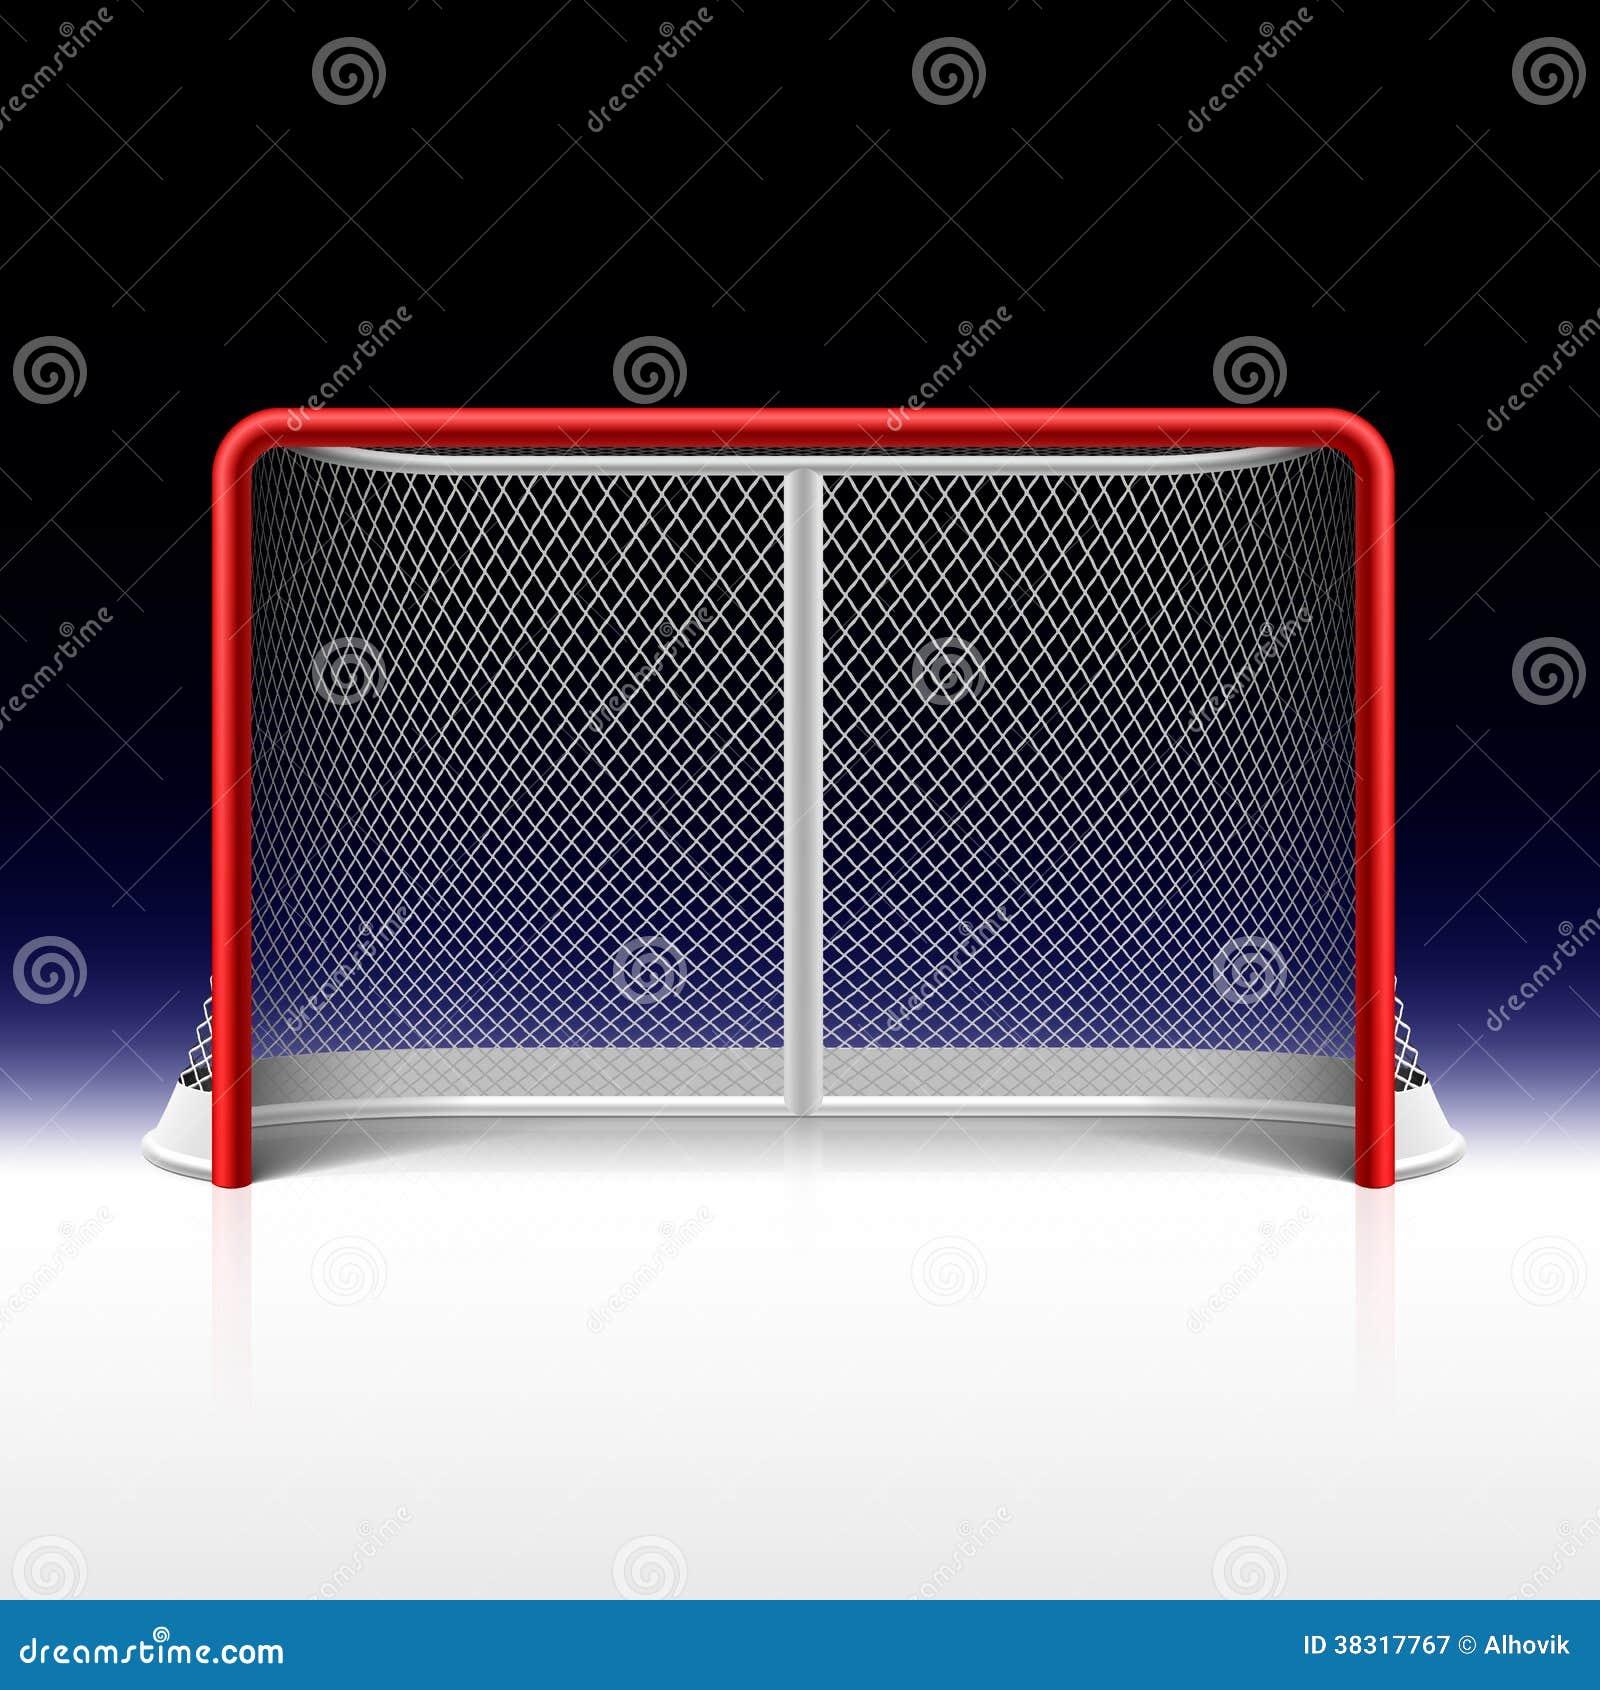 Ishockey förtjänar, målet på svart